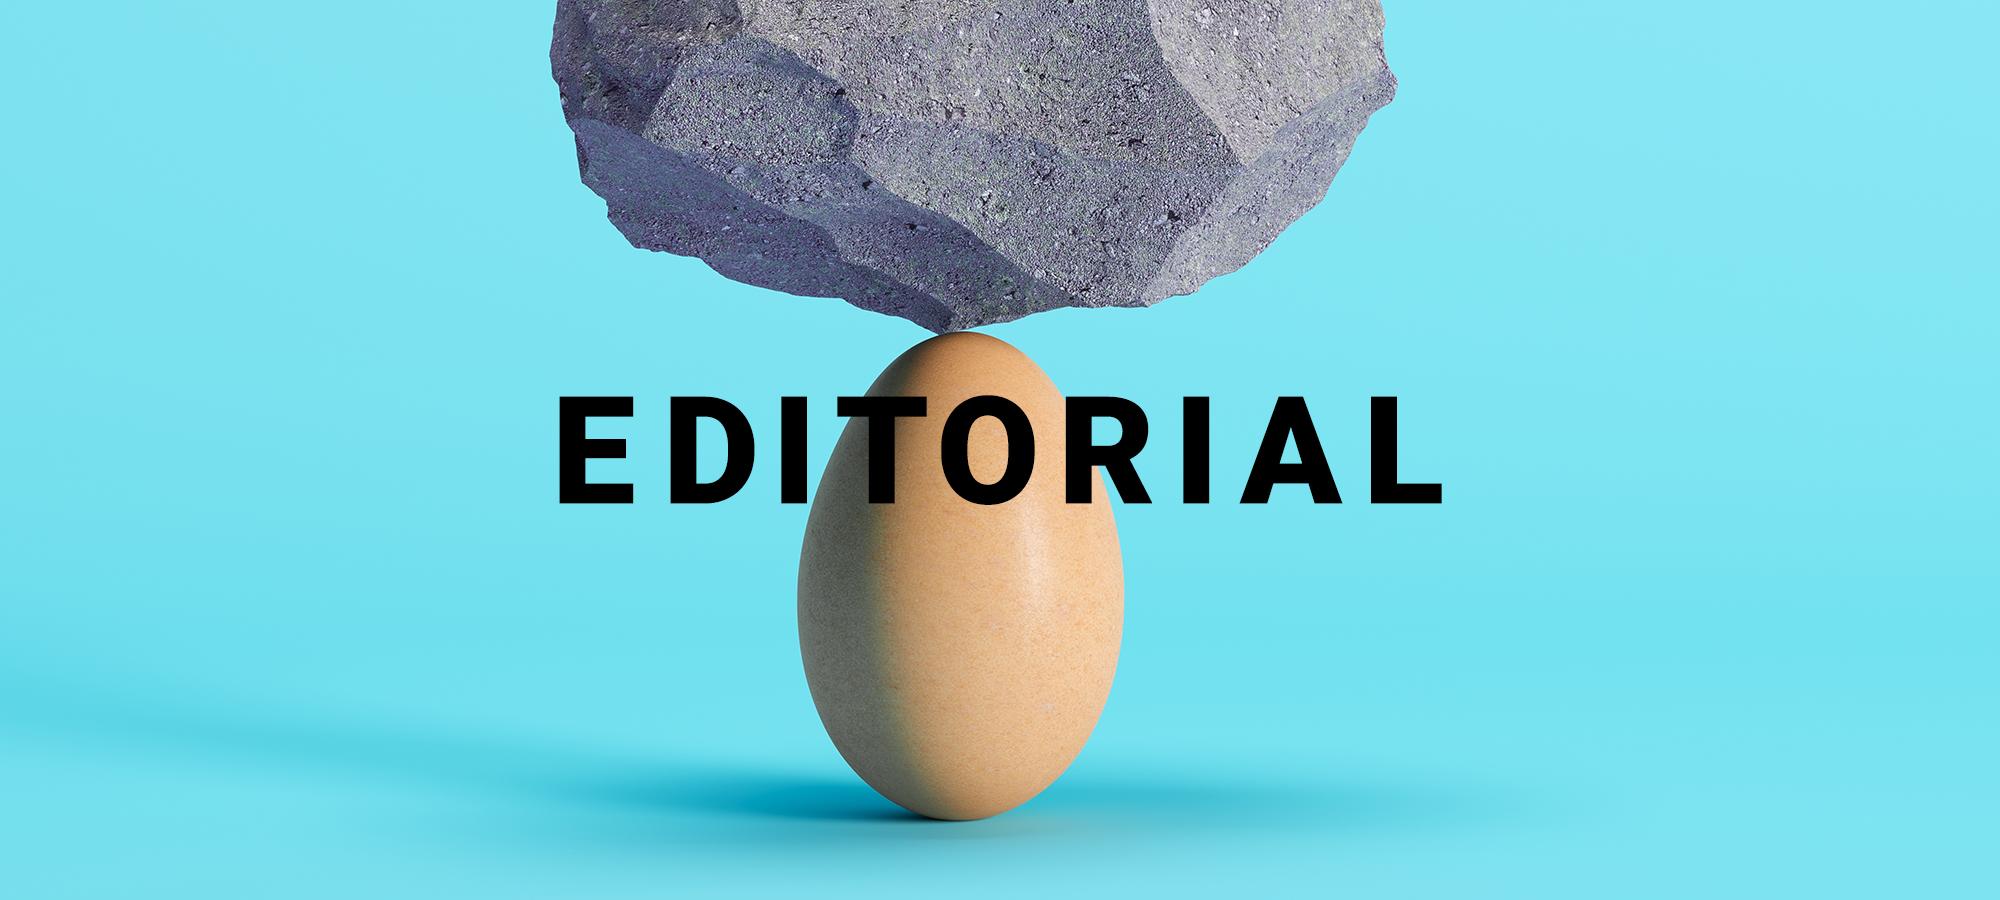 Editorial contenuti immagini e grafica